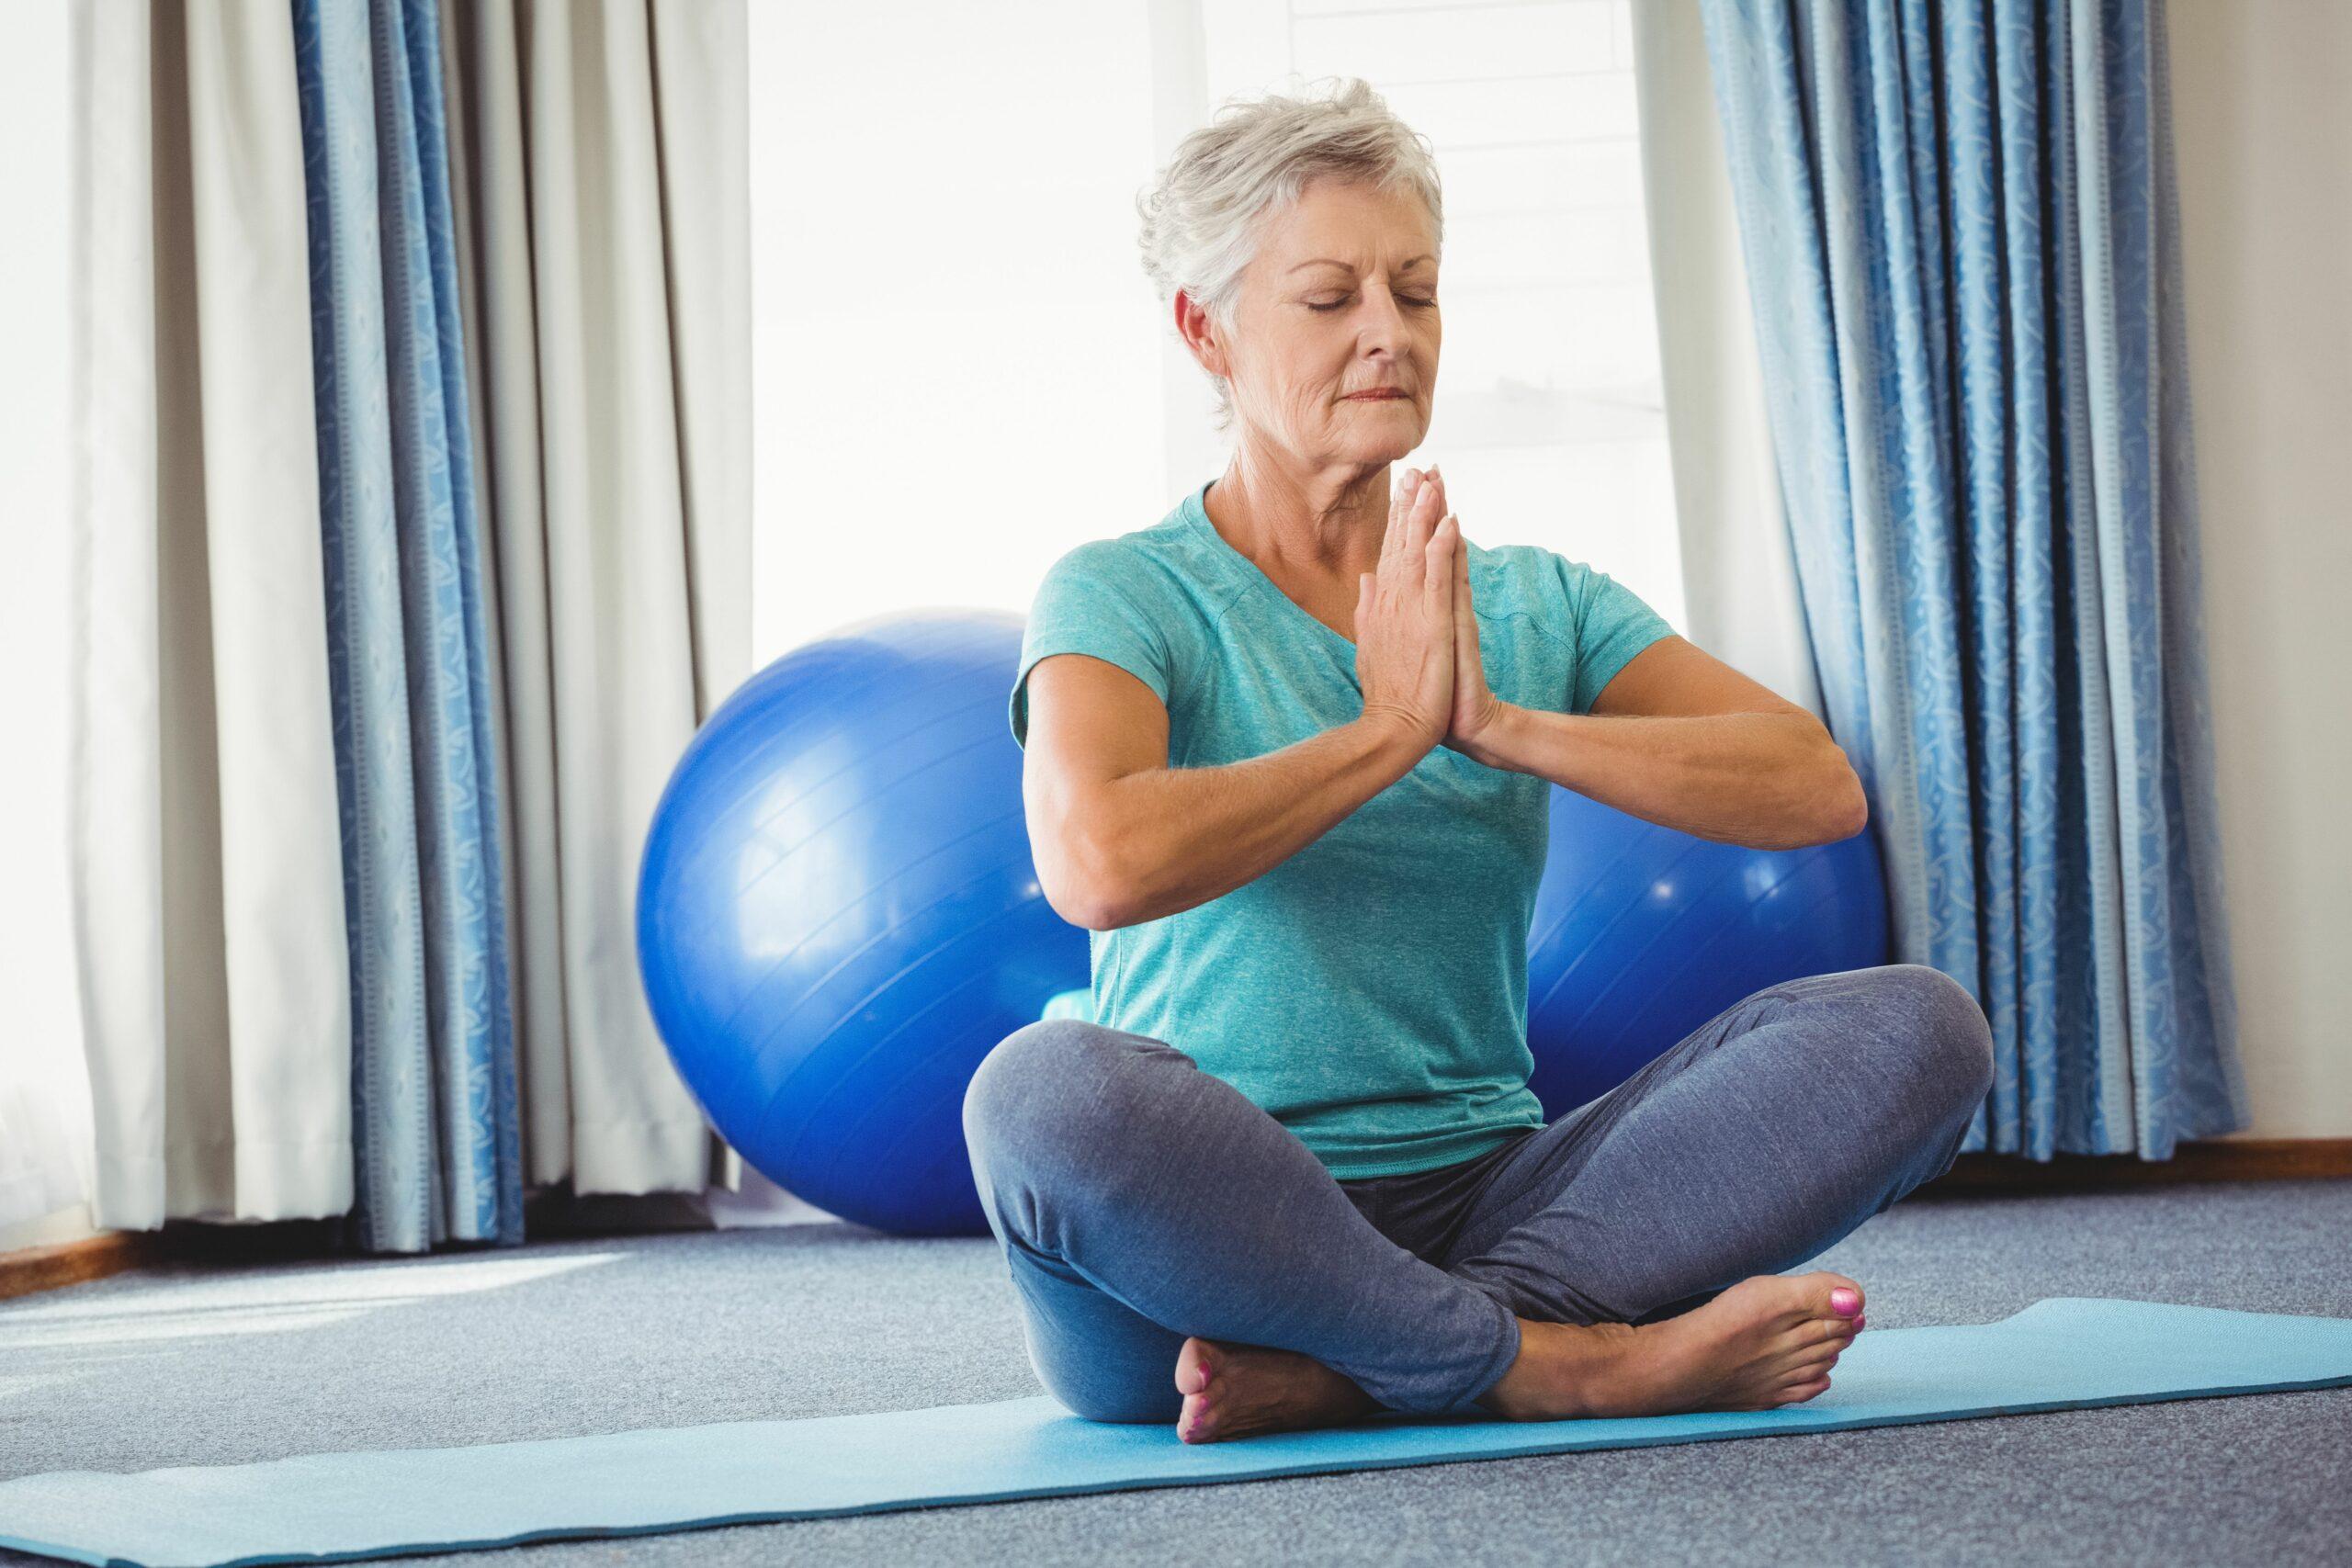 Jóga je perfektním nástrojem pro zlepšení fyzického zdraví, ale také pro získání psychické pohody, která je stejně důležitá.